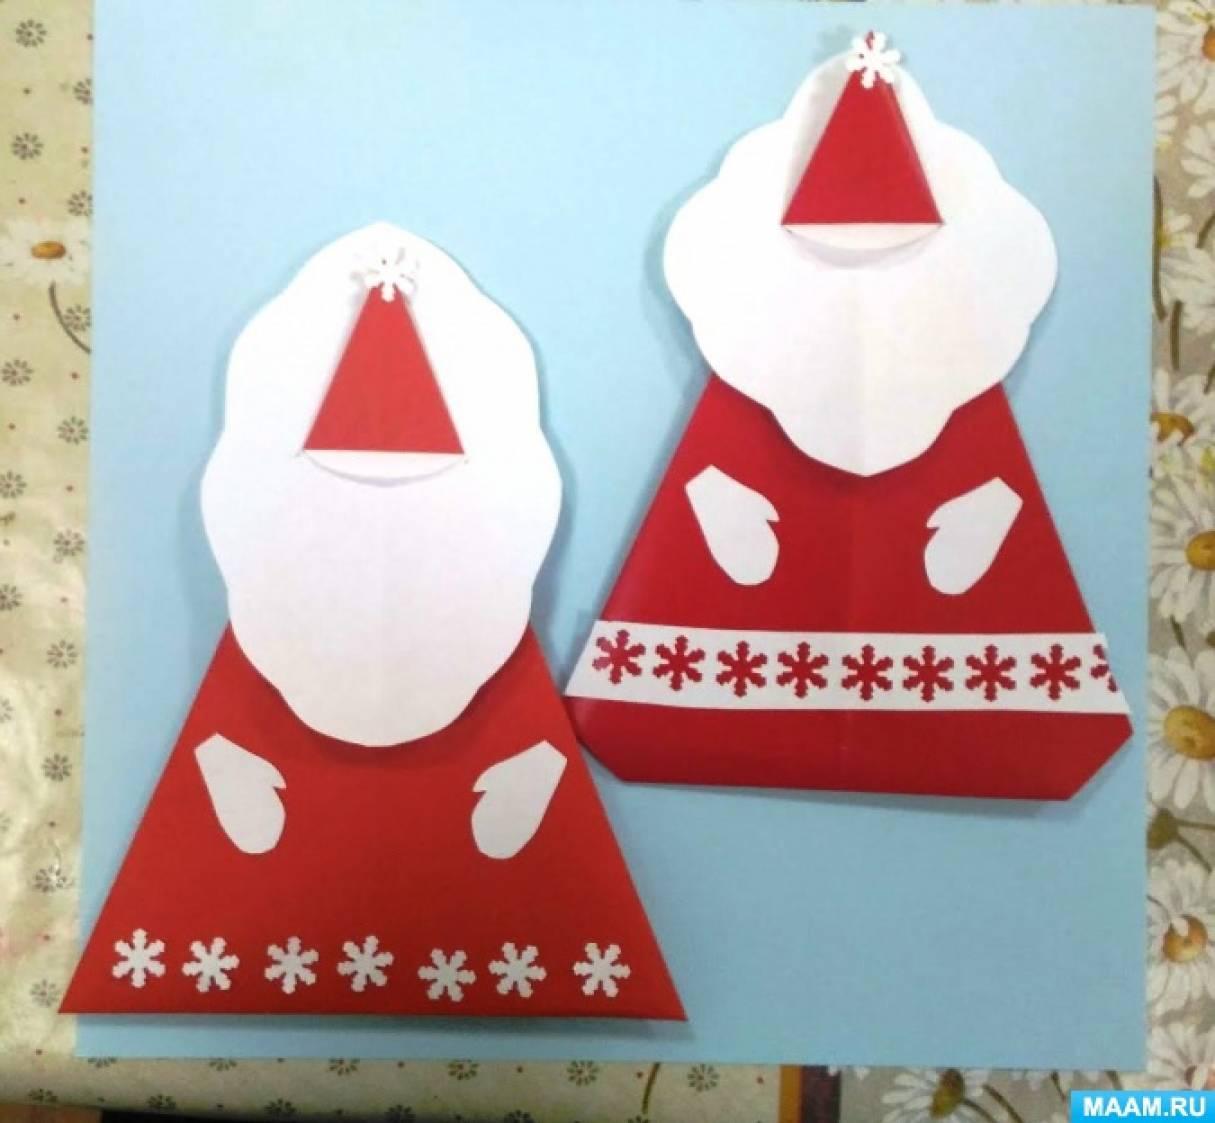 Картинки аву, открытка оригами на день рождения деду морозу